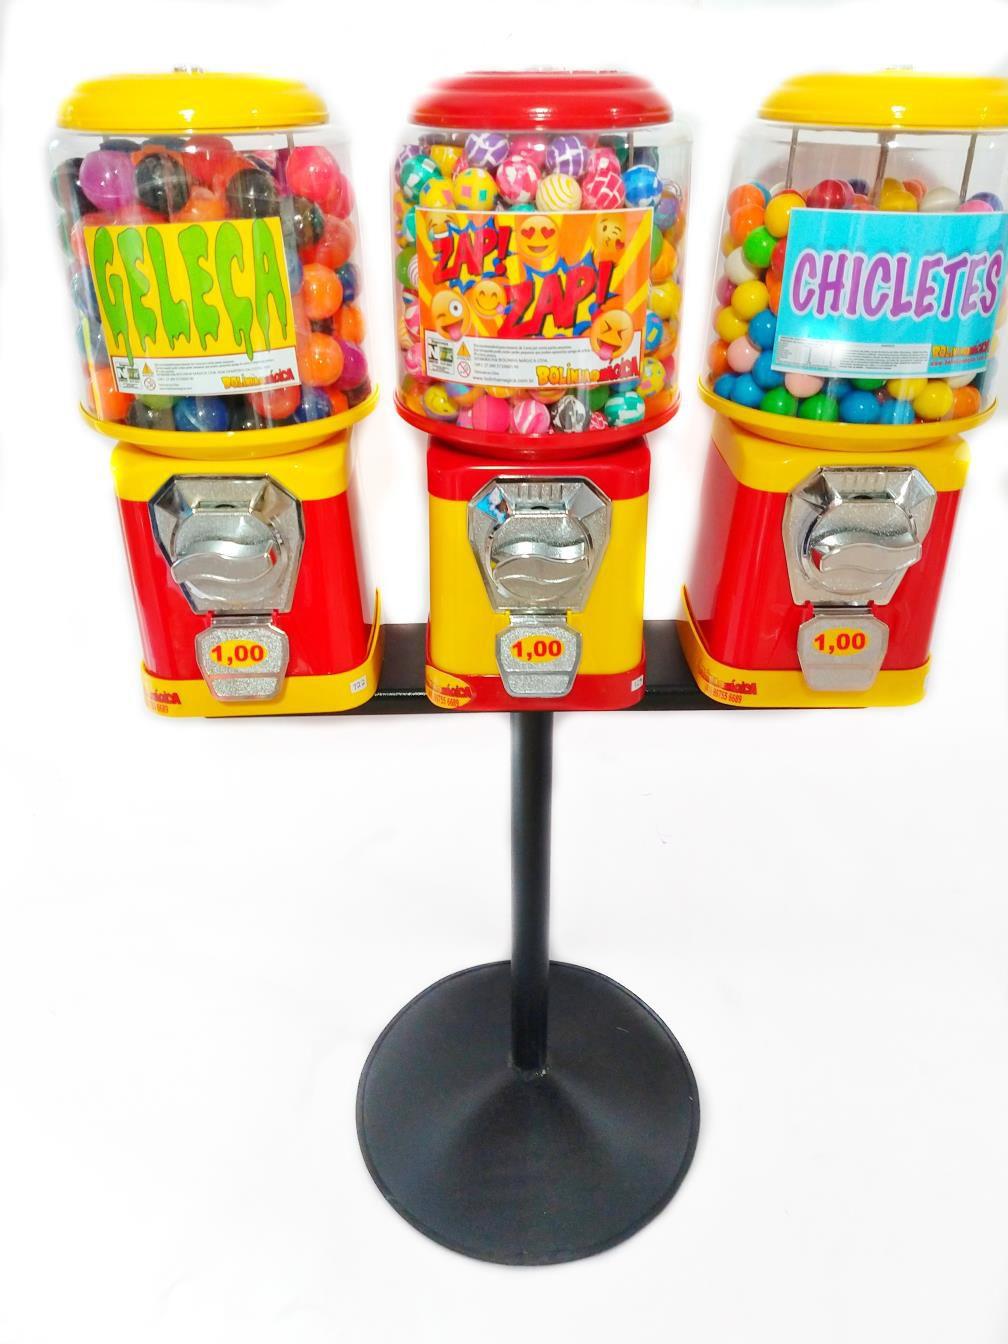 Kit 3 Maquina de Bolinha + Pedestal + Bolinha 27mm + Chicletes + Capsulas Brinde